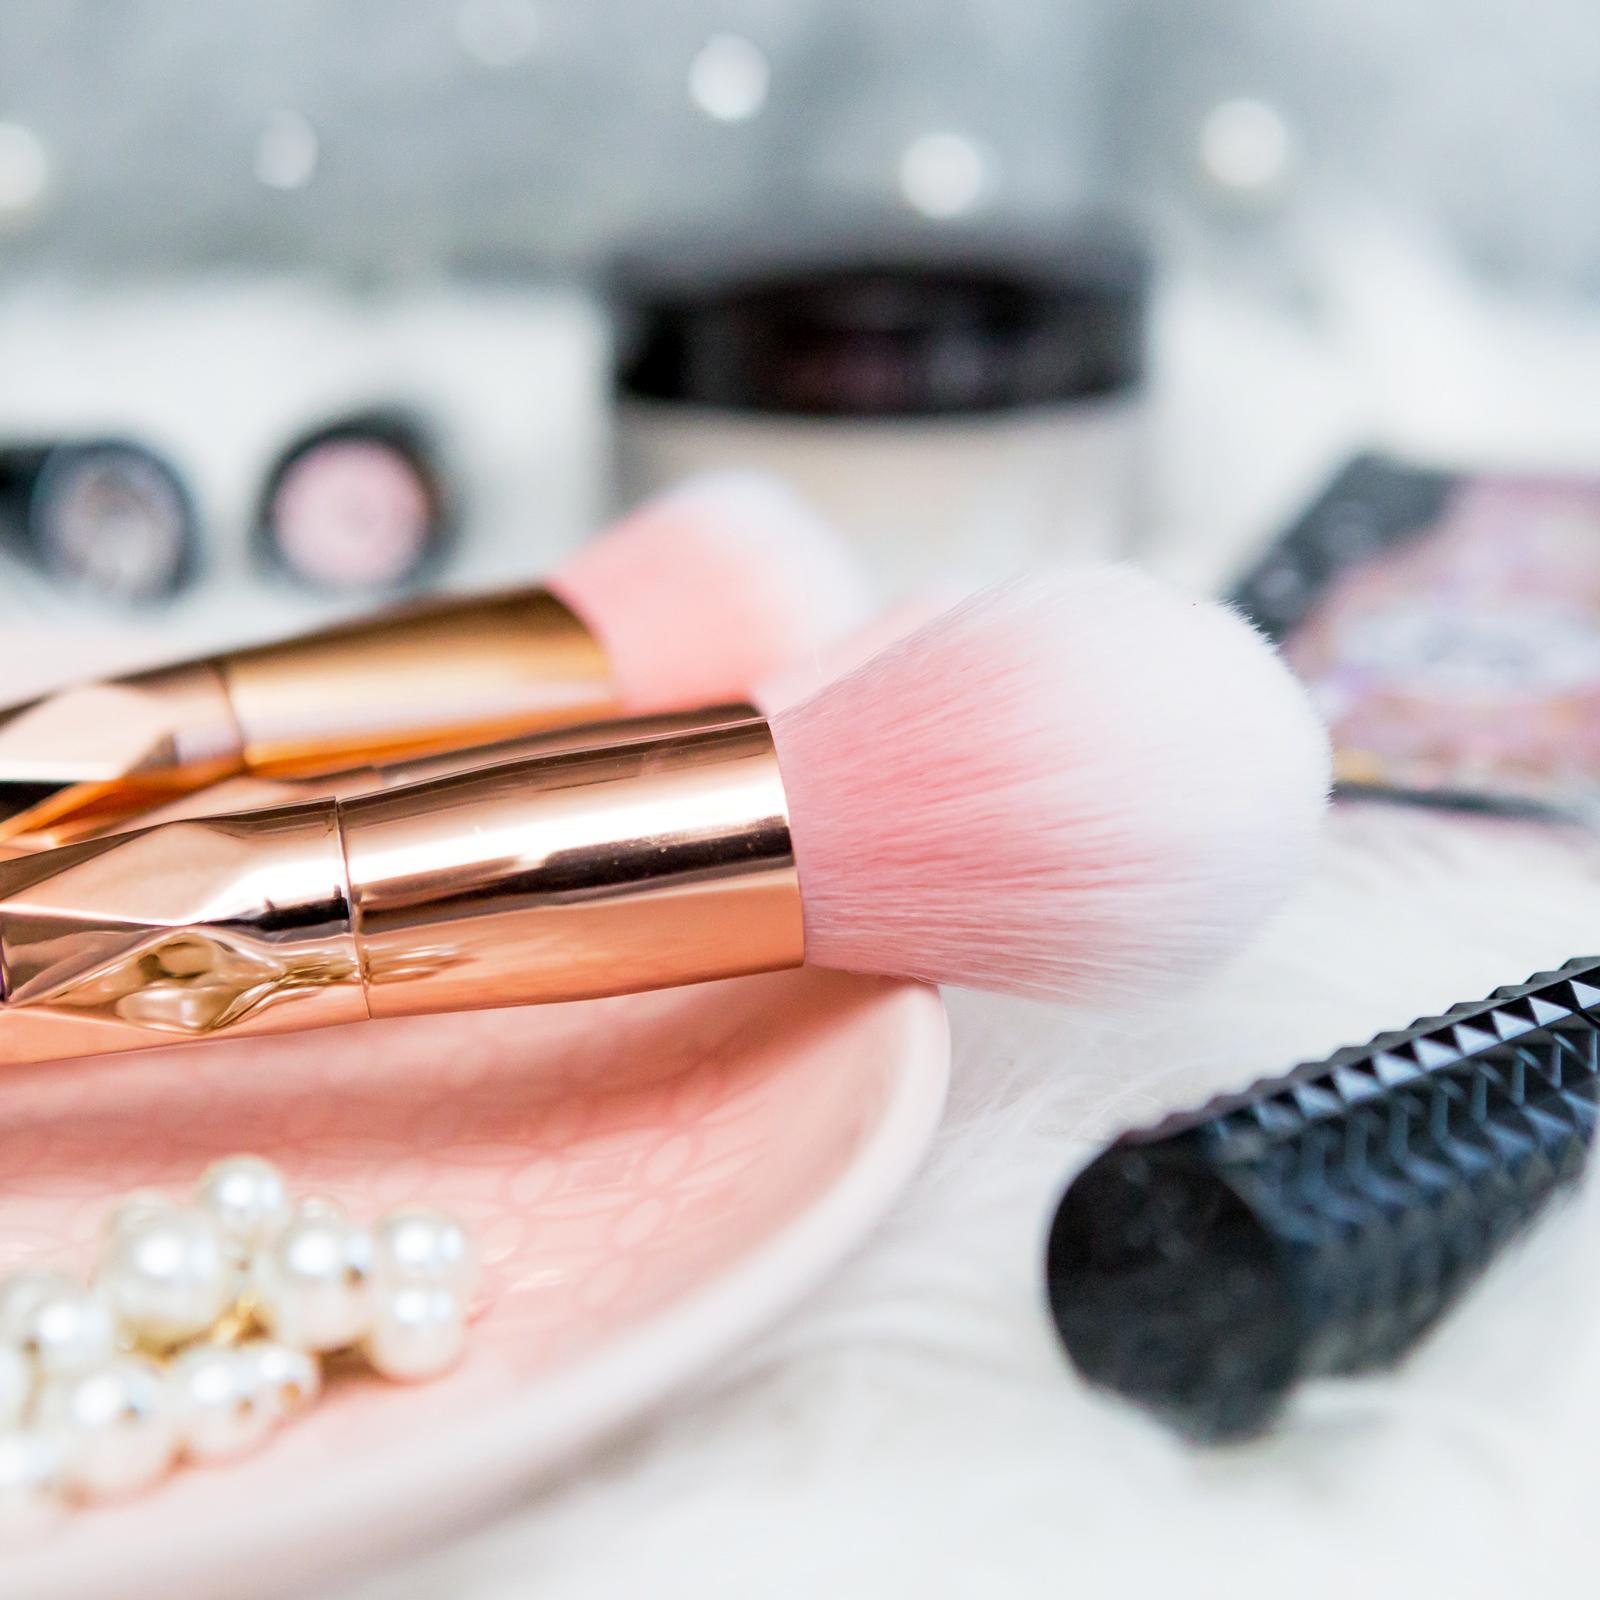 Plany zakupowe na 2018 rok | Aktualna Wishlista kosmetyczna